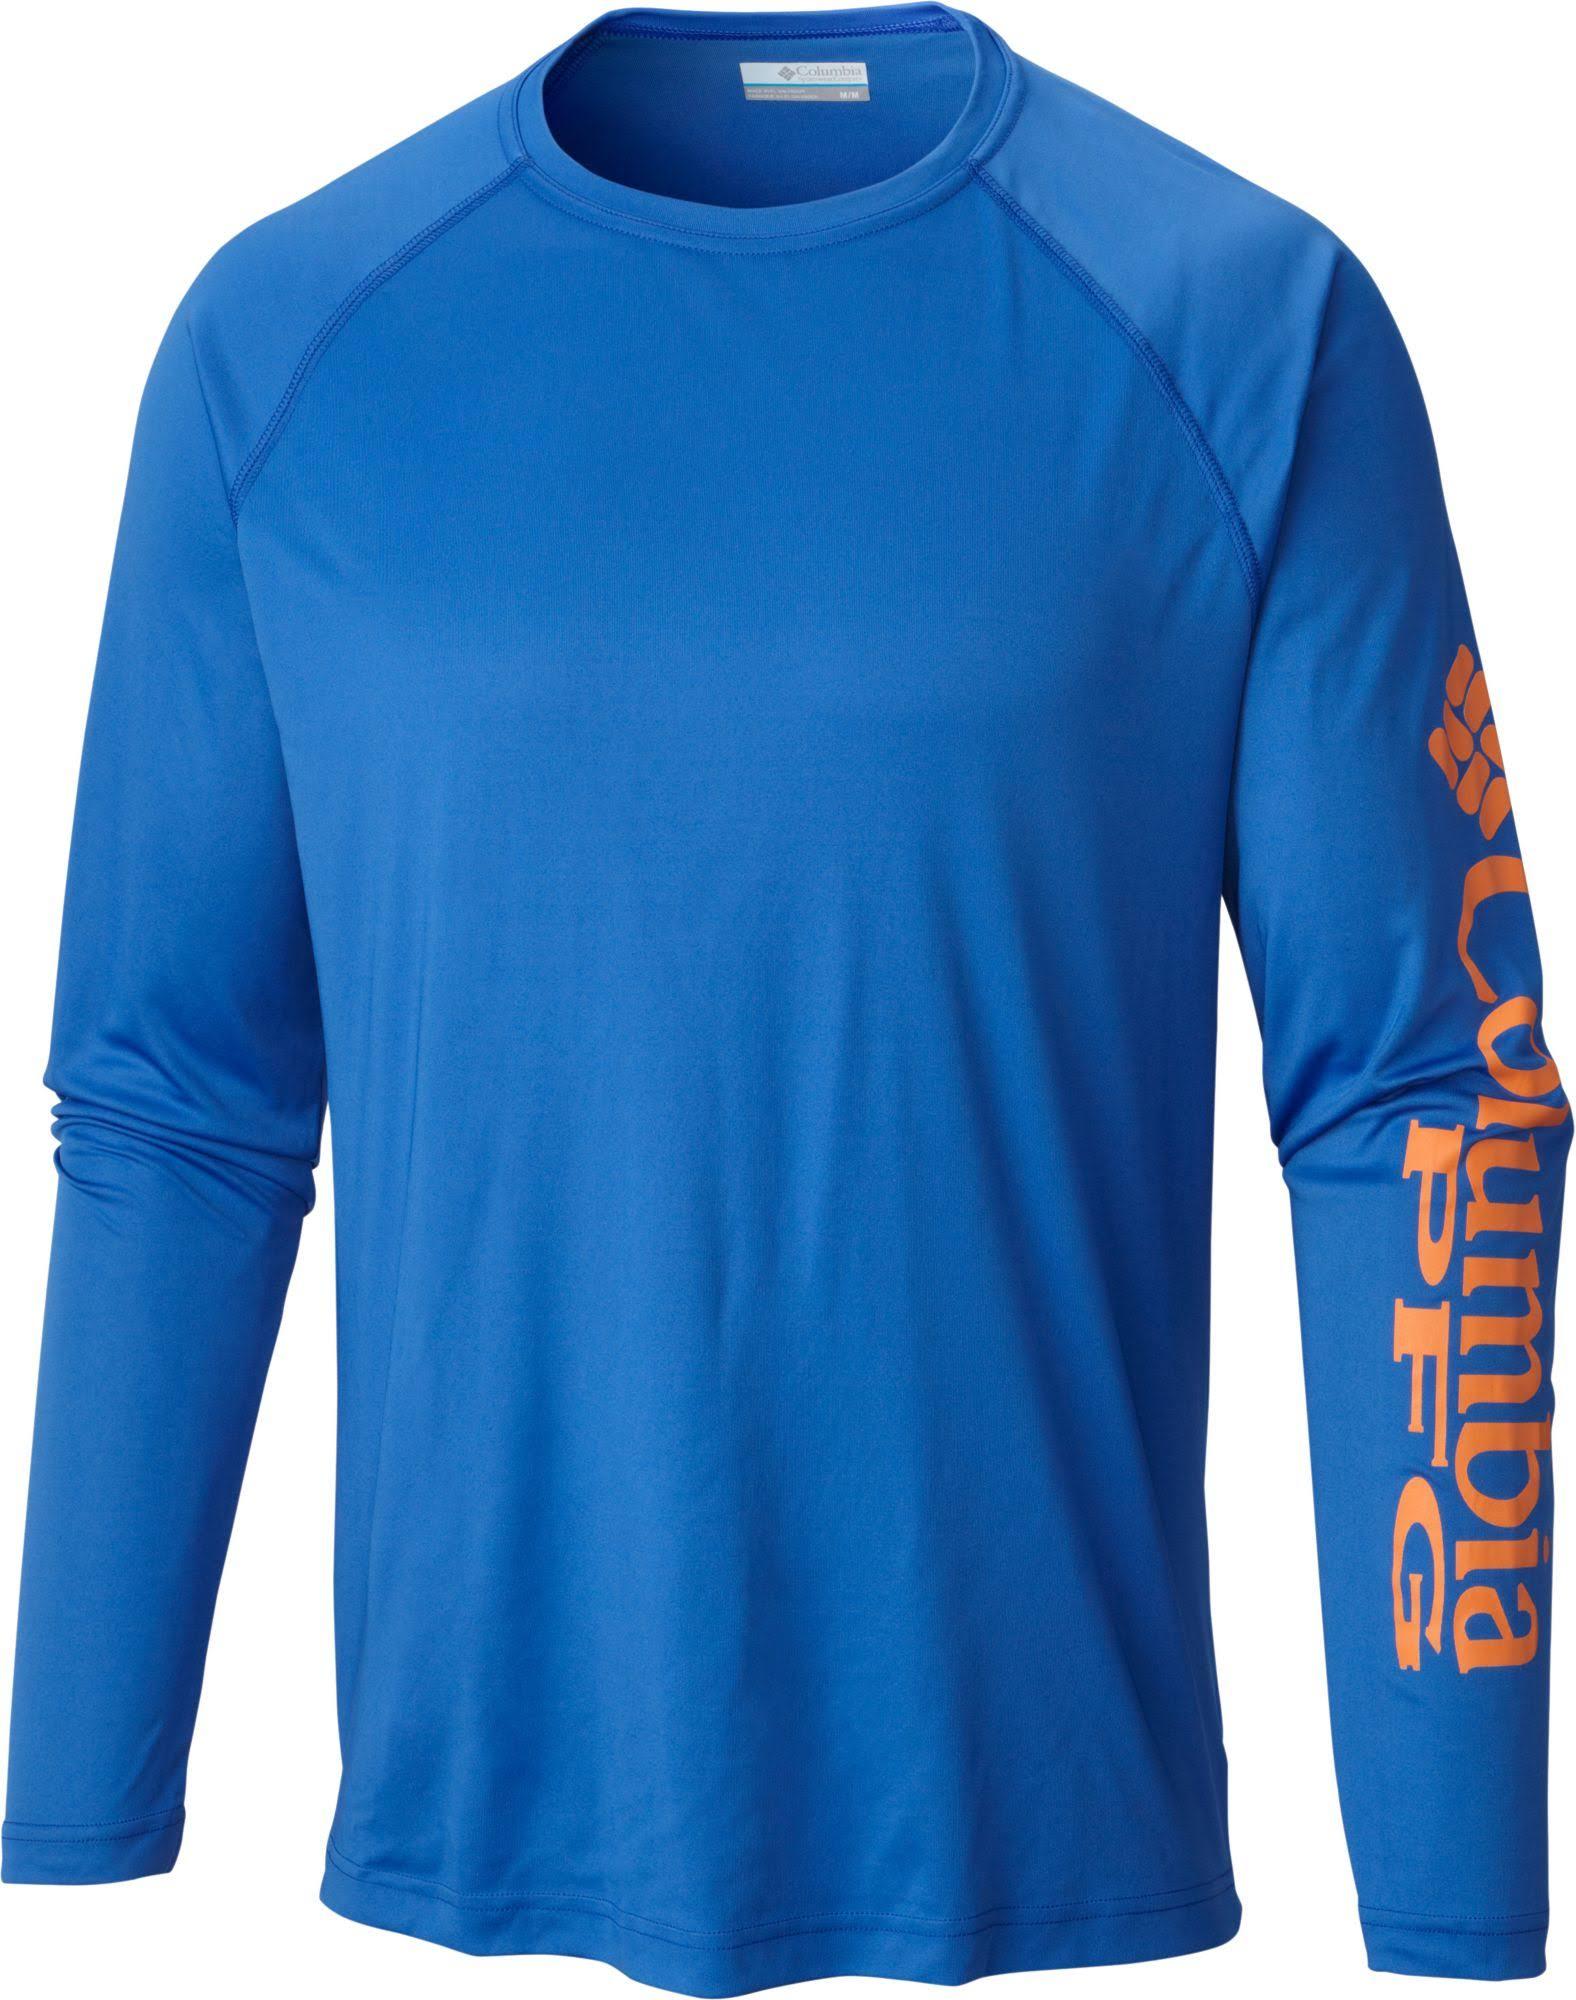 Columbia Manga Tackle 2xt Camisa Azul Grande Pfg Tamaño Alto Terminal Para Hombres Alto De Y Larga gq5wfX